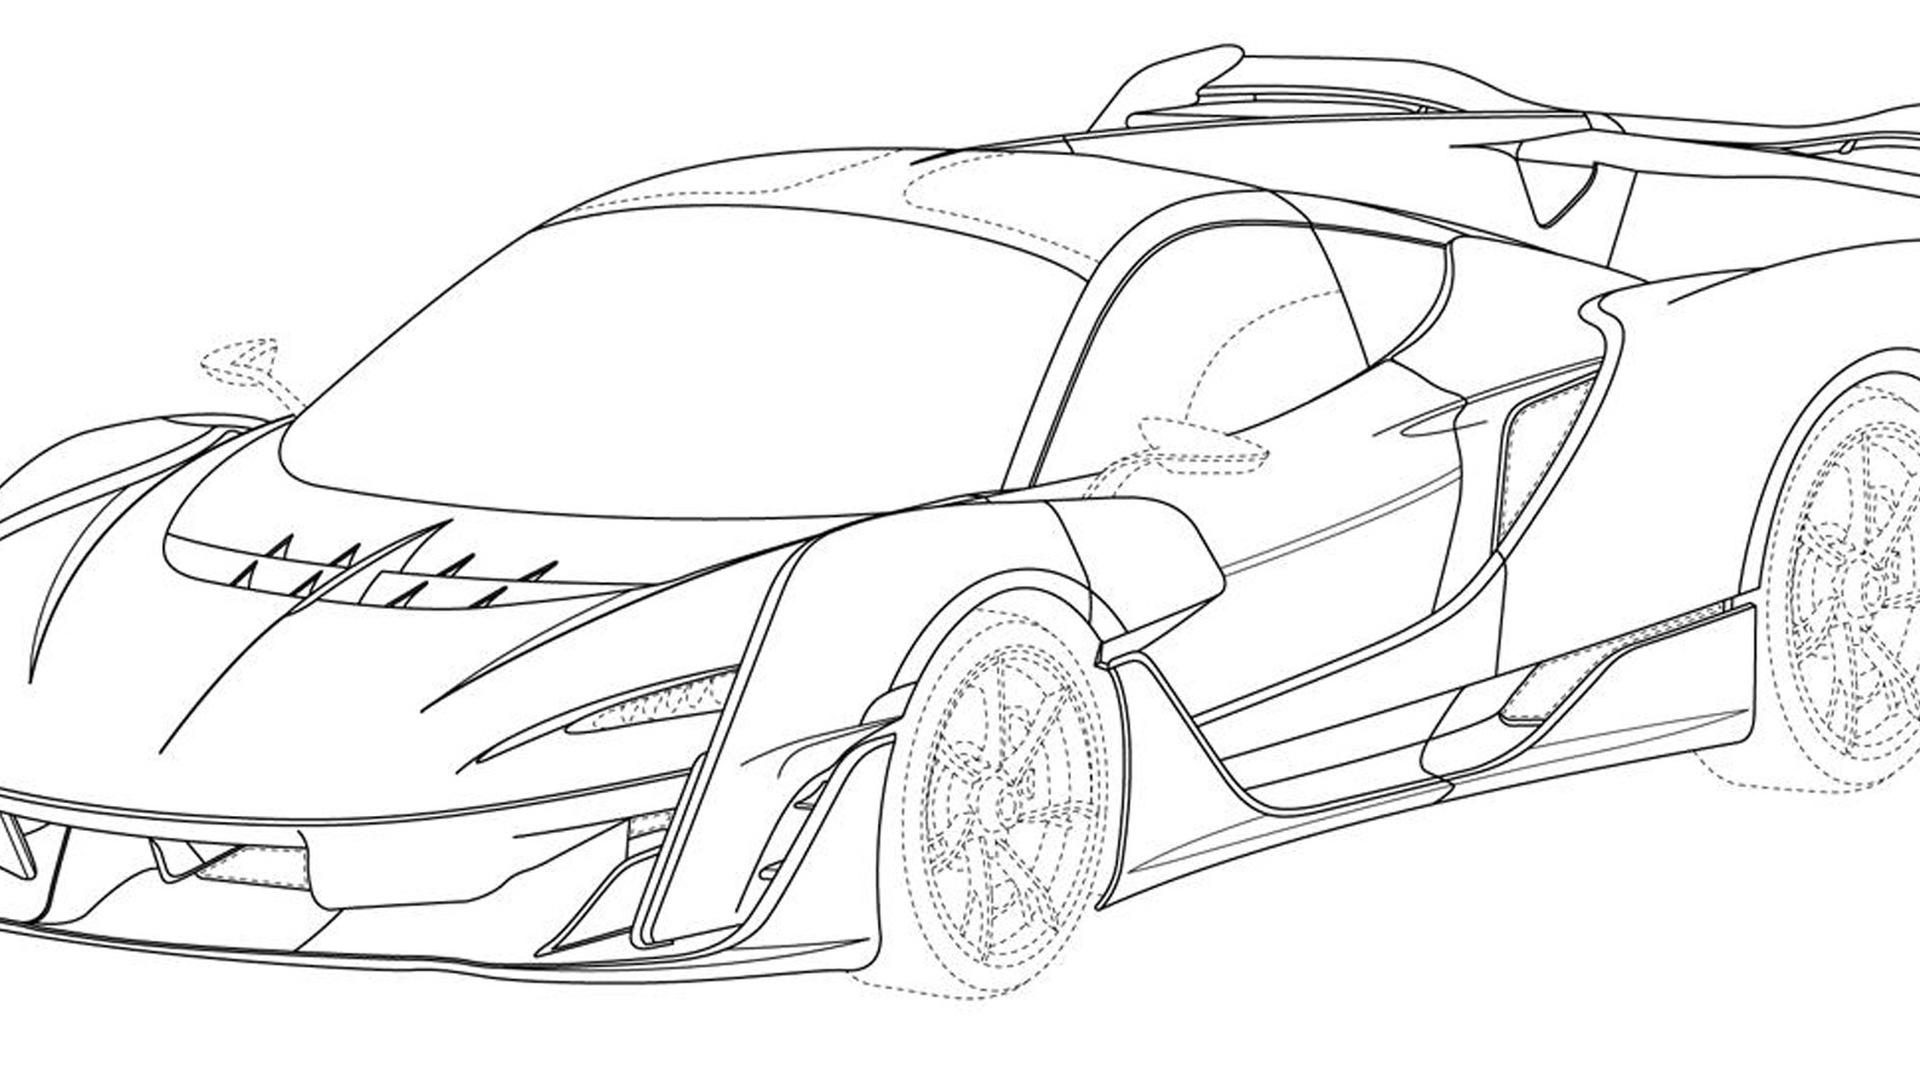 Patent drawings of possible McLaren supercar - Photo credit: Taycan EV Forum/J-PlatPat